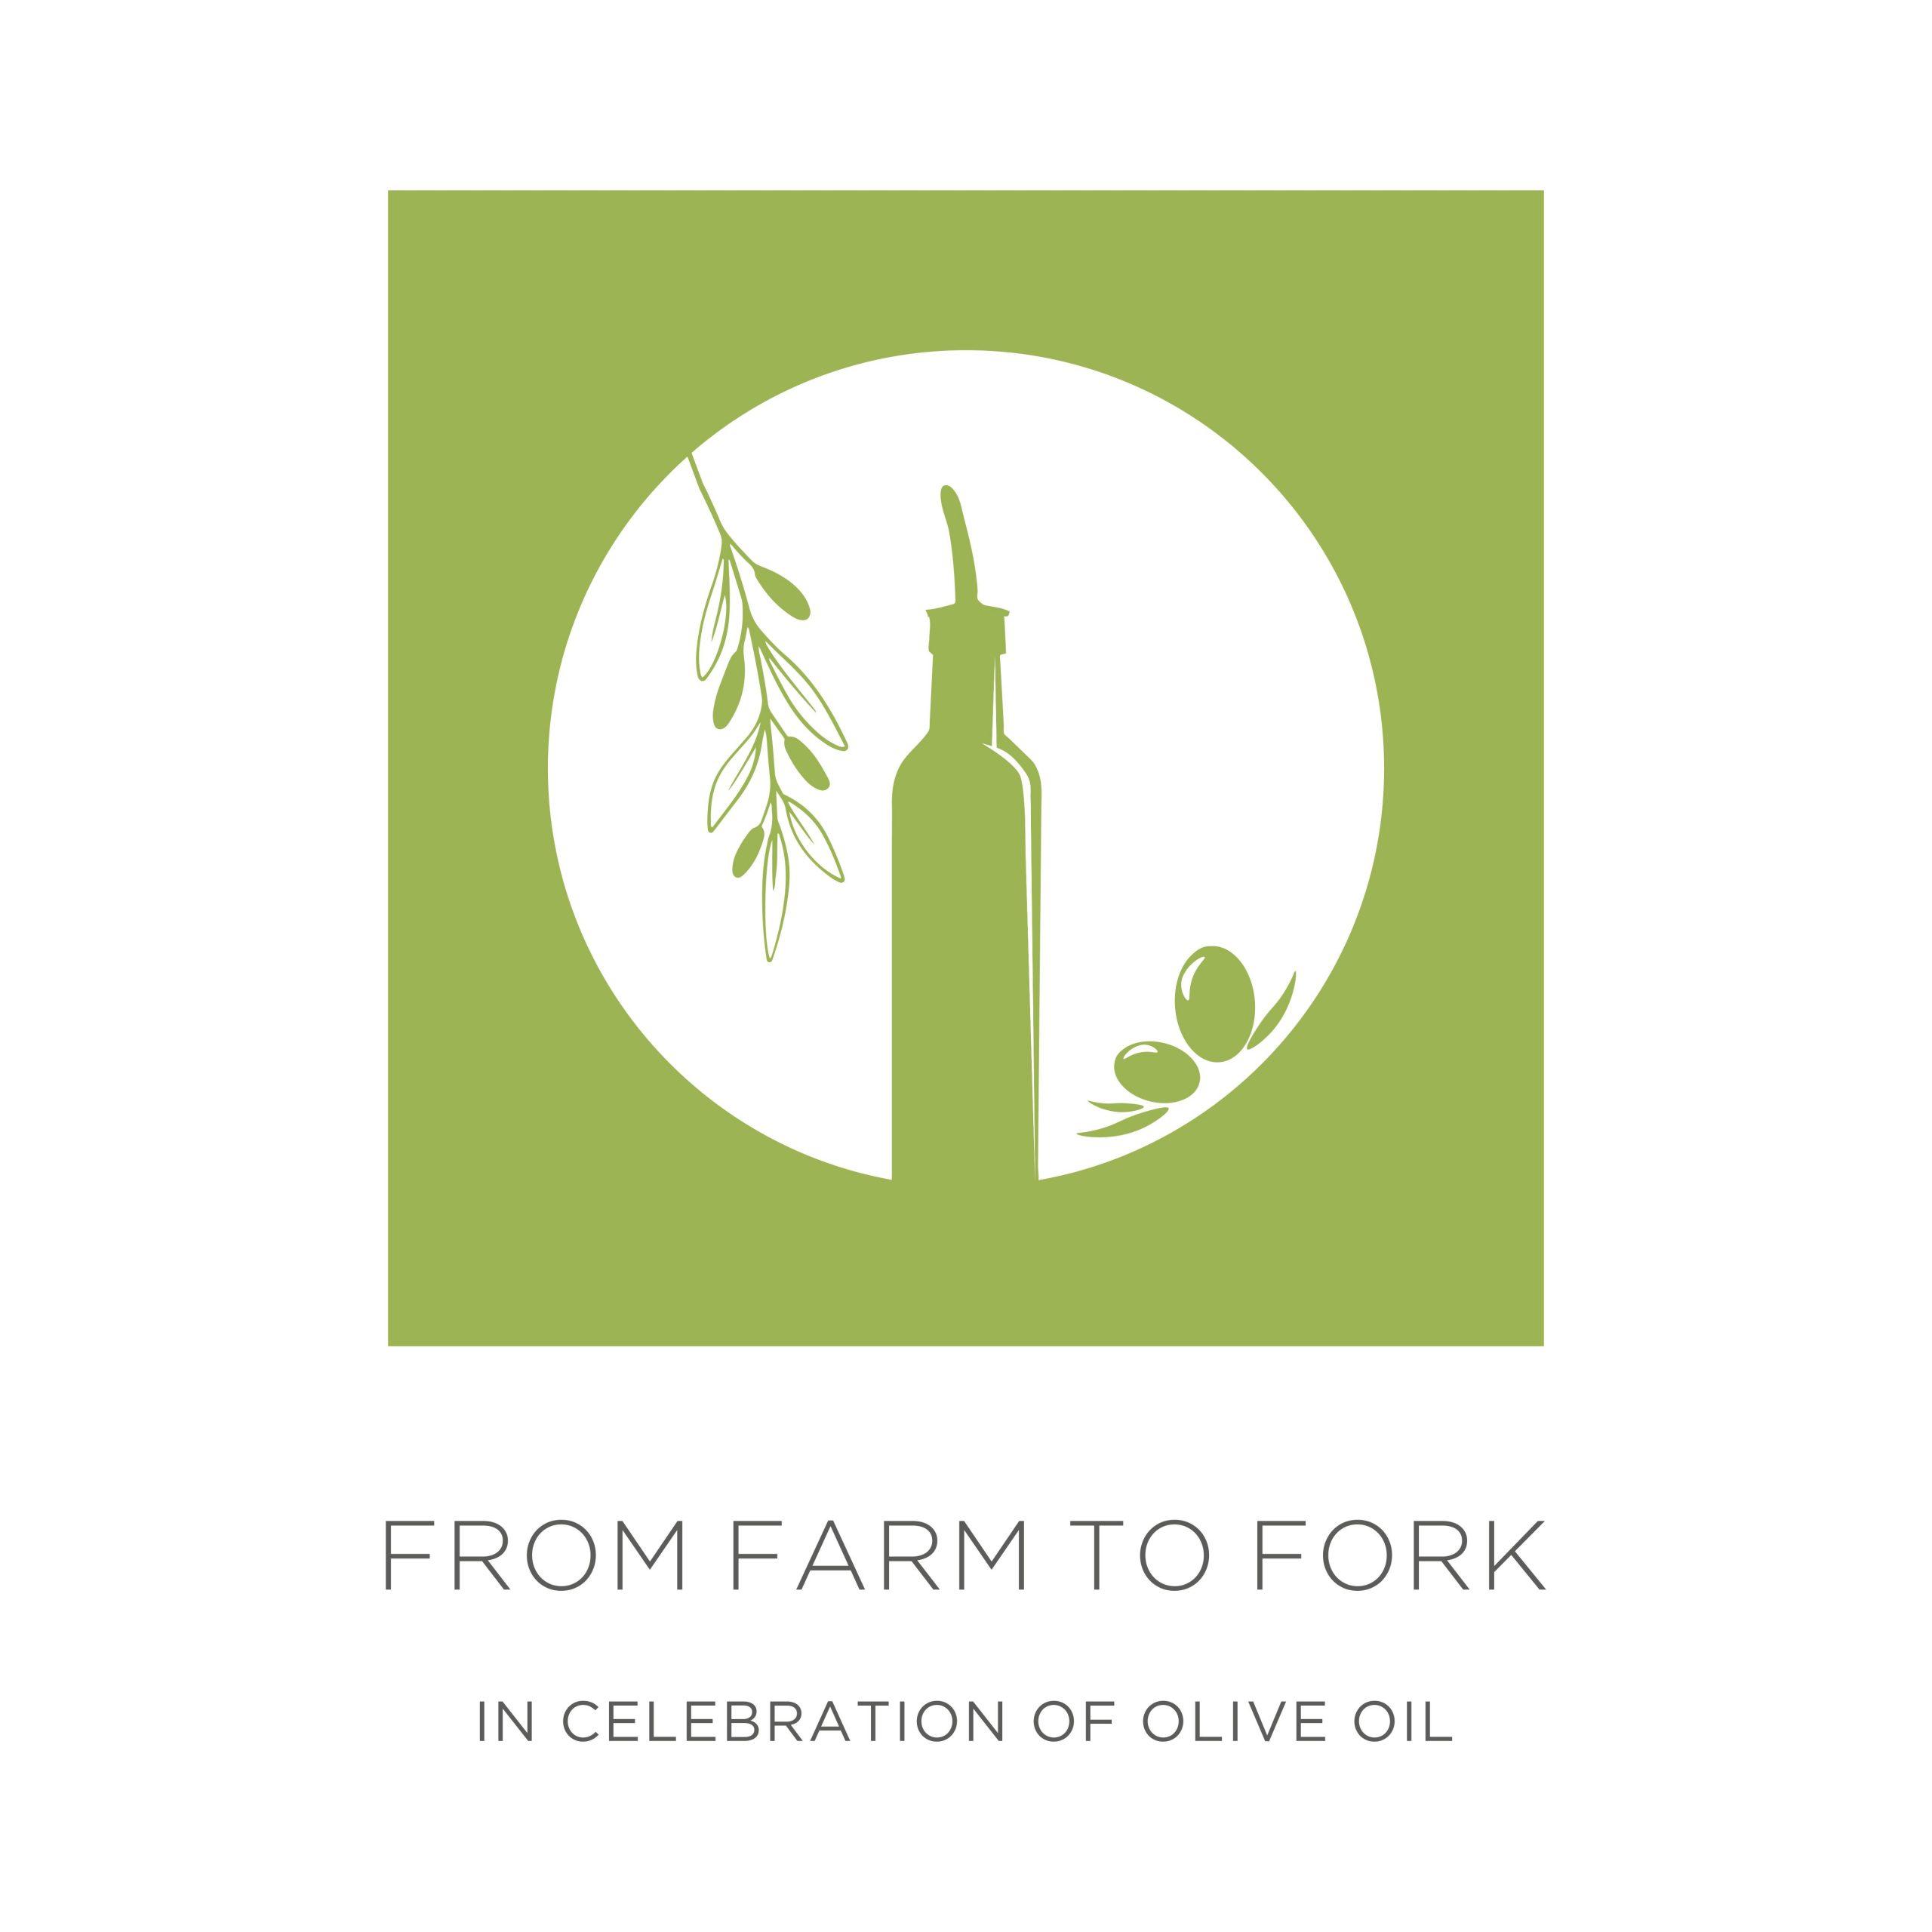 HIH - In Celebration of Olive Oil